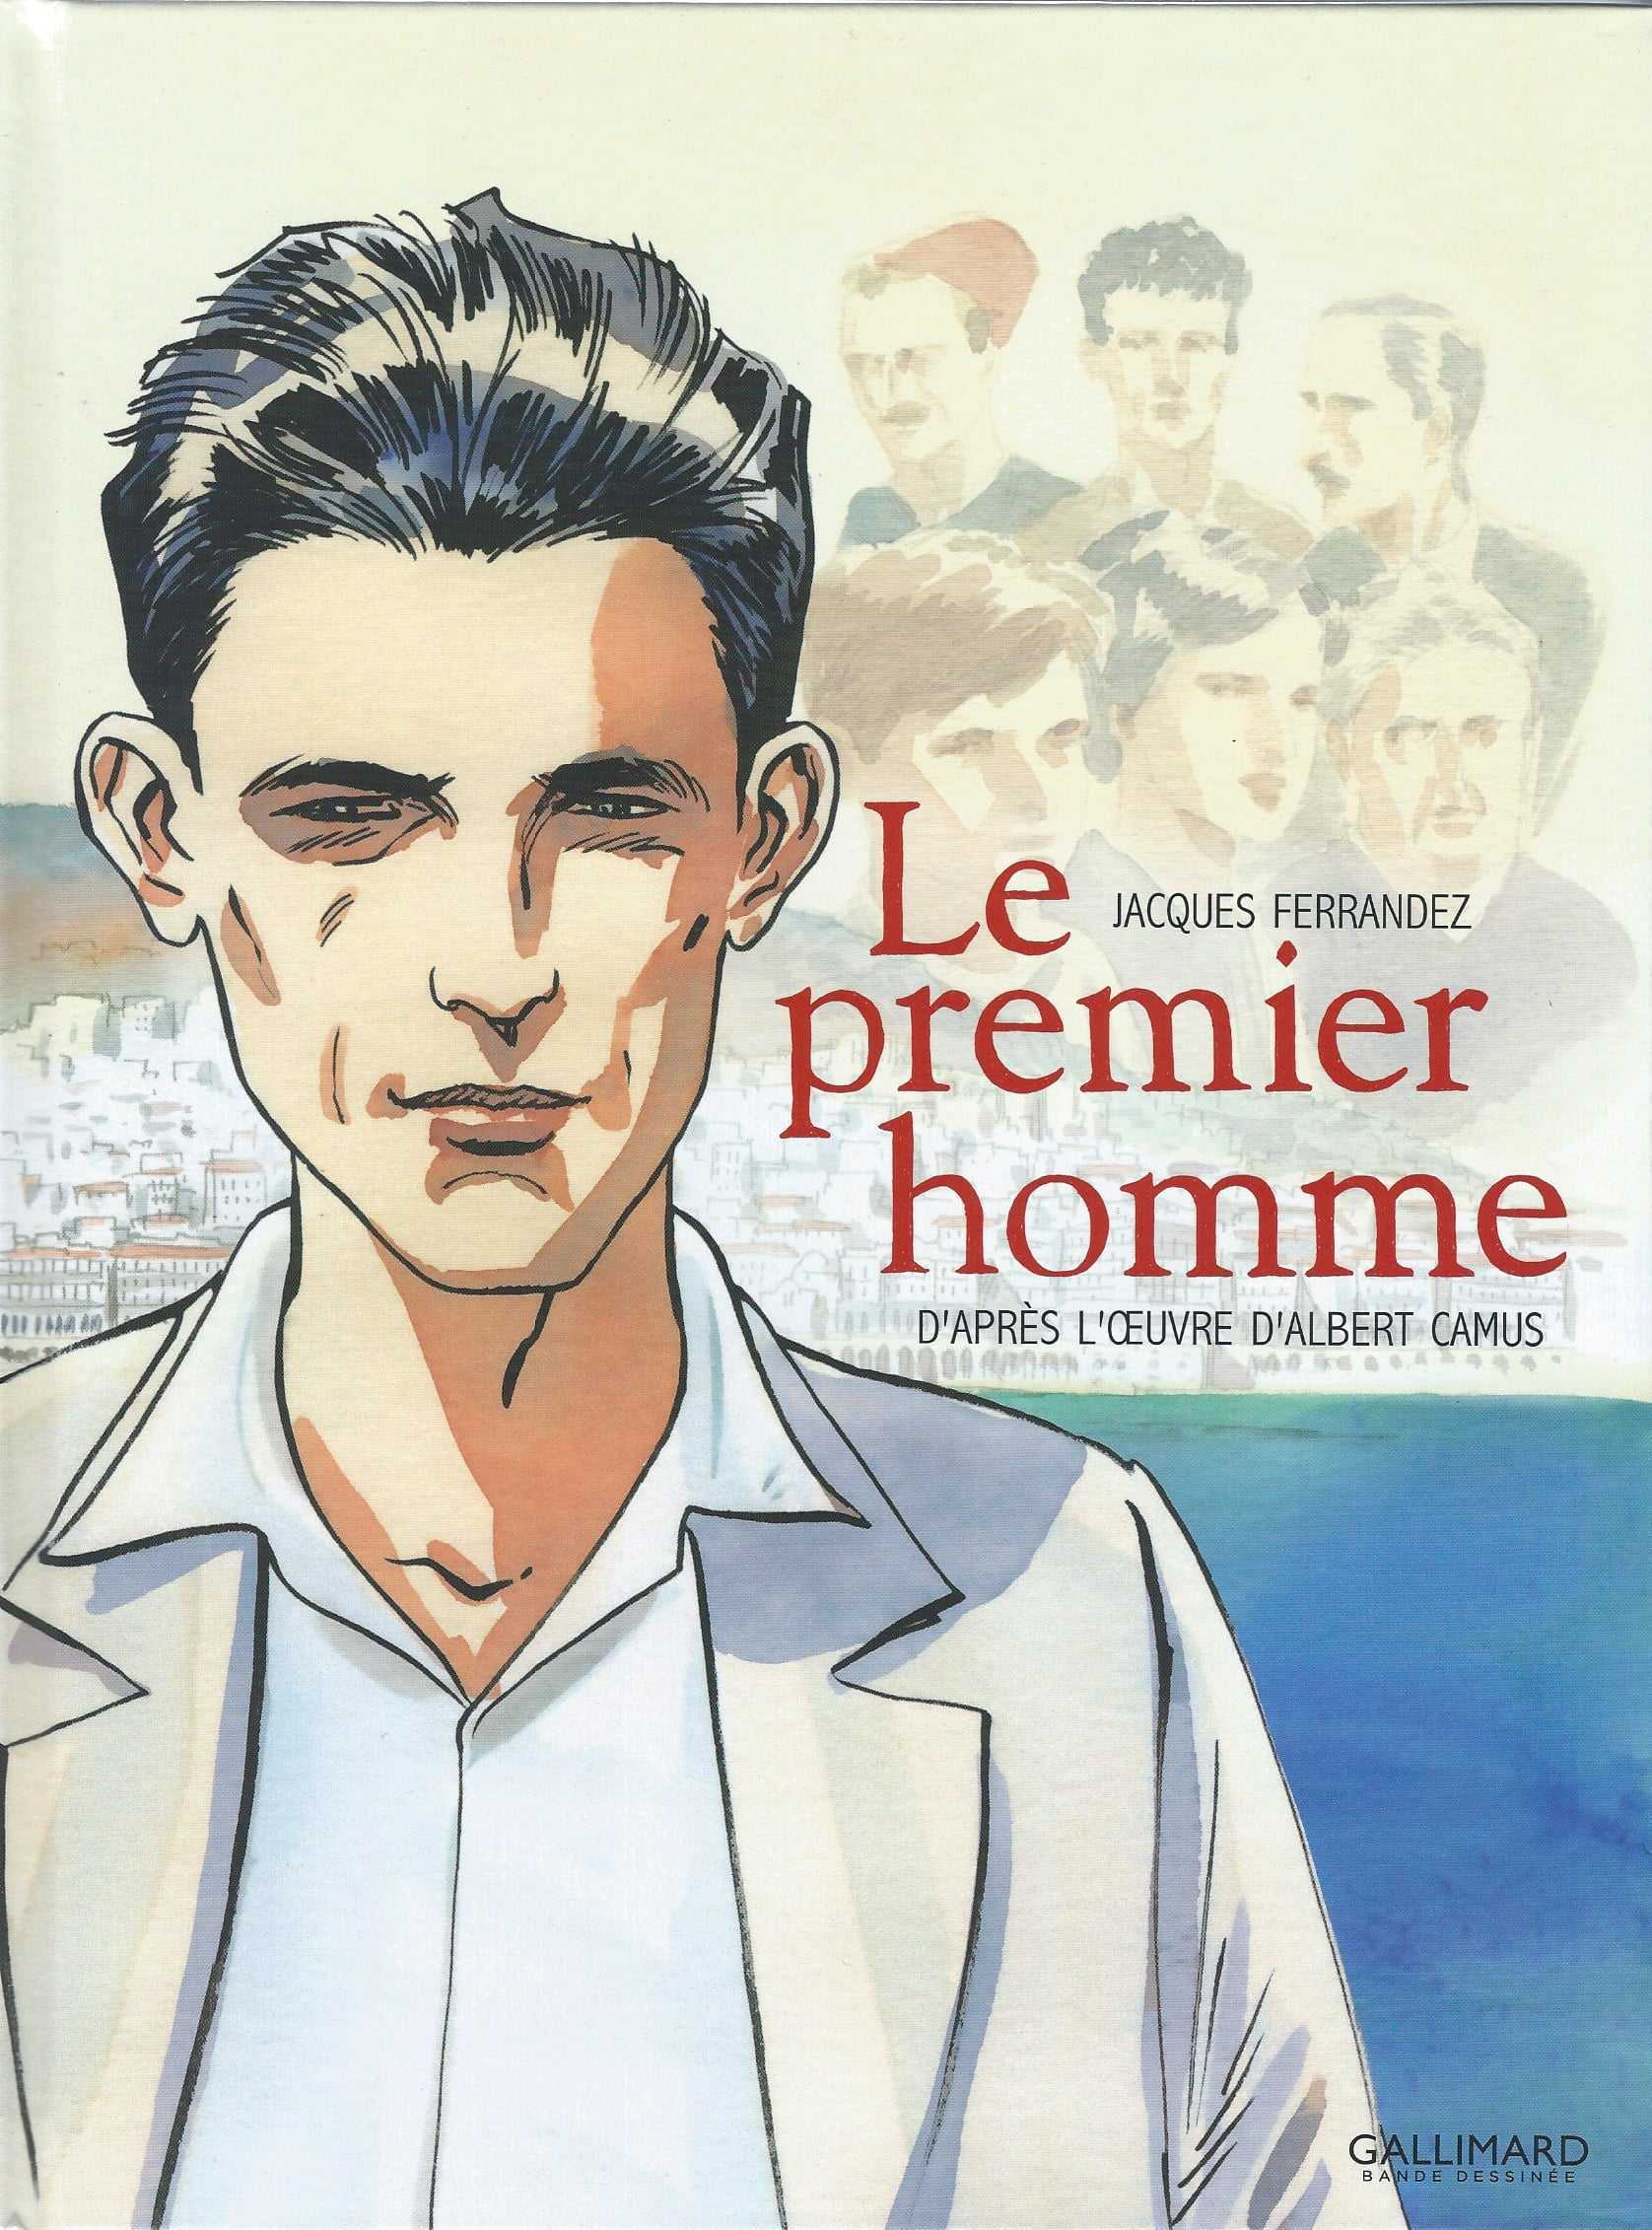 Le Premier homme, Ferrandez et Camus unis pour le meilleur